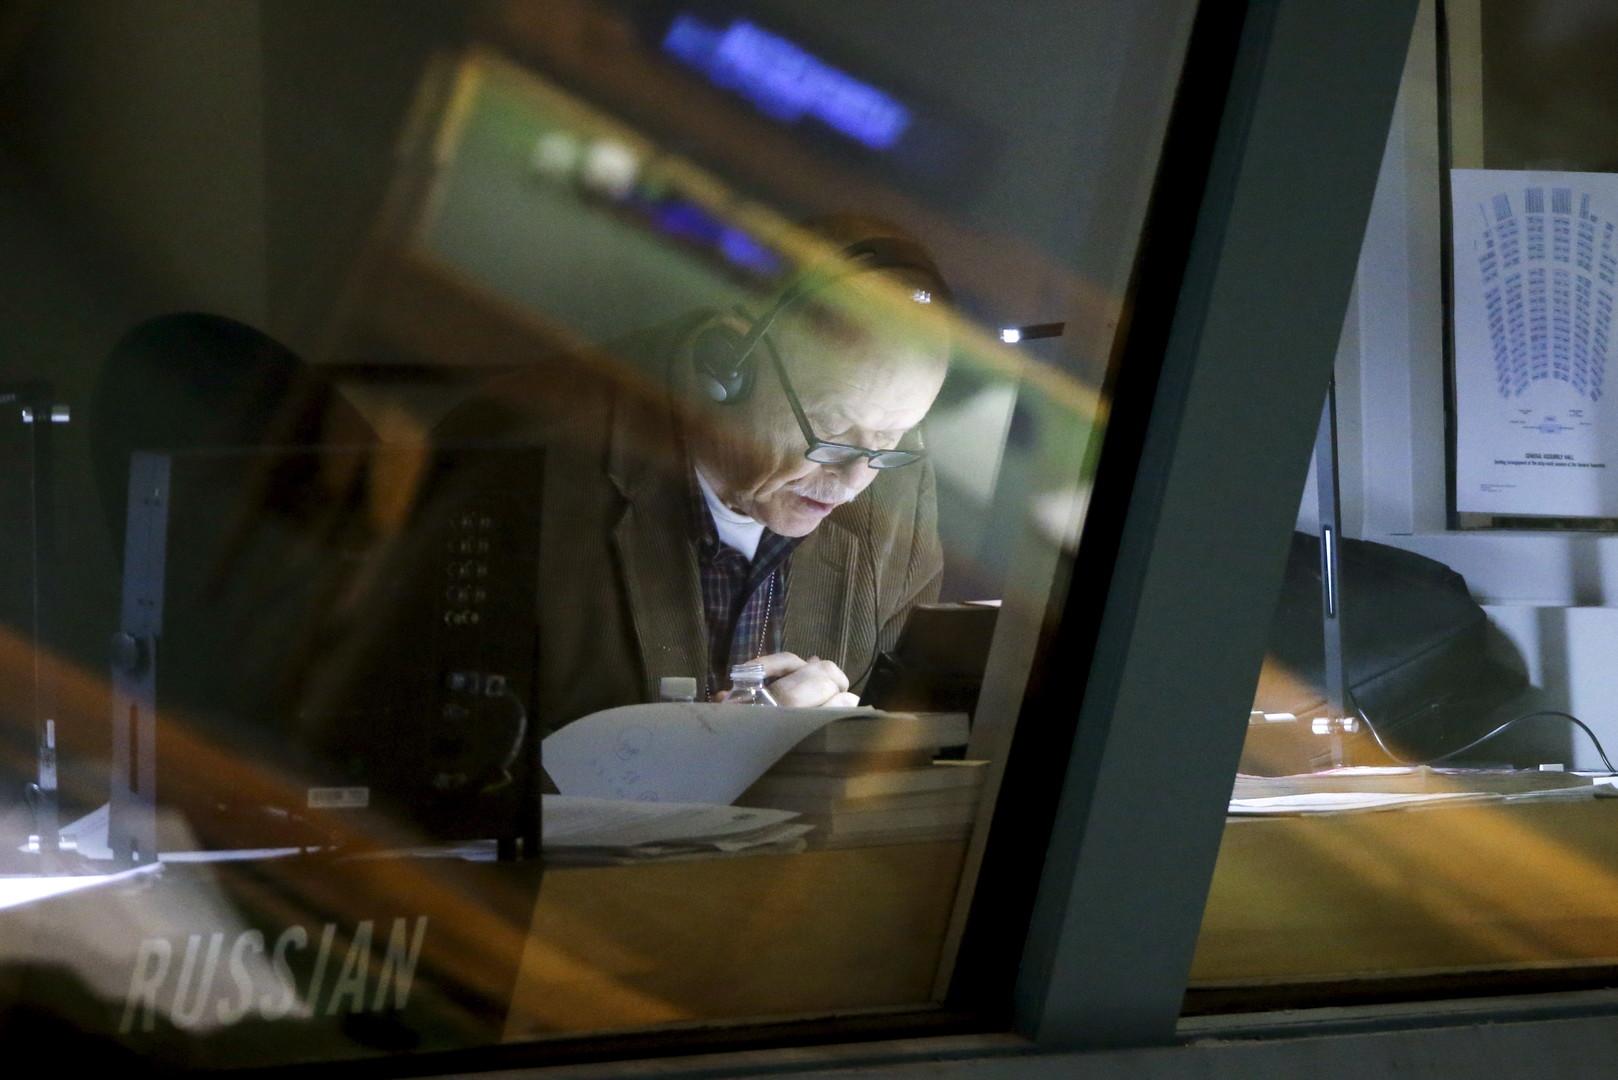 В центре внимания: как переводчики становятся главными героями переговоров